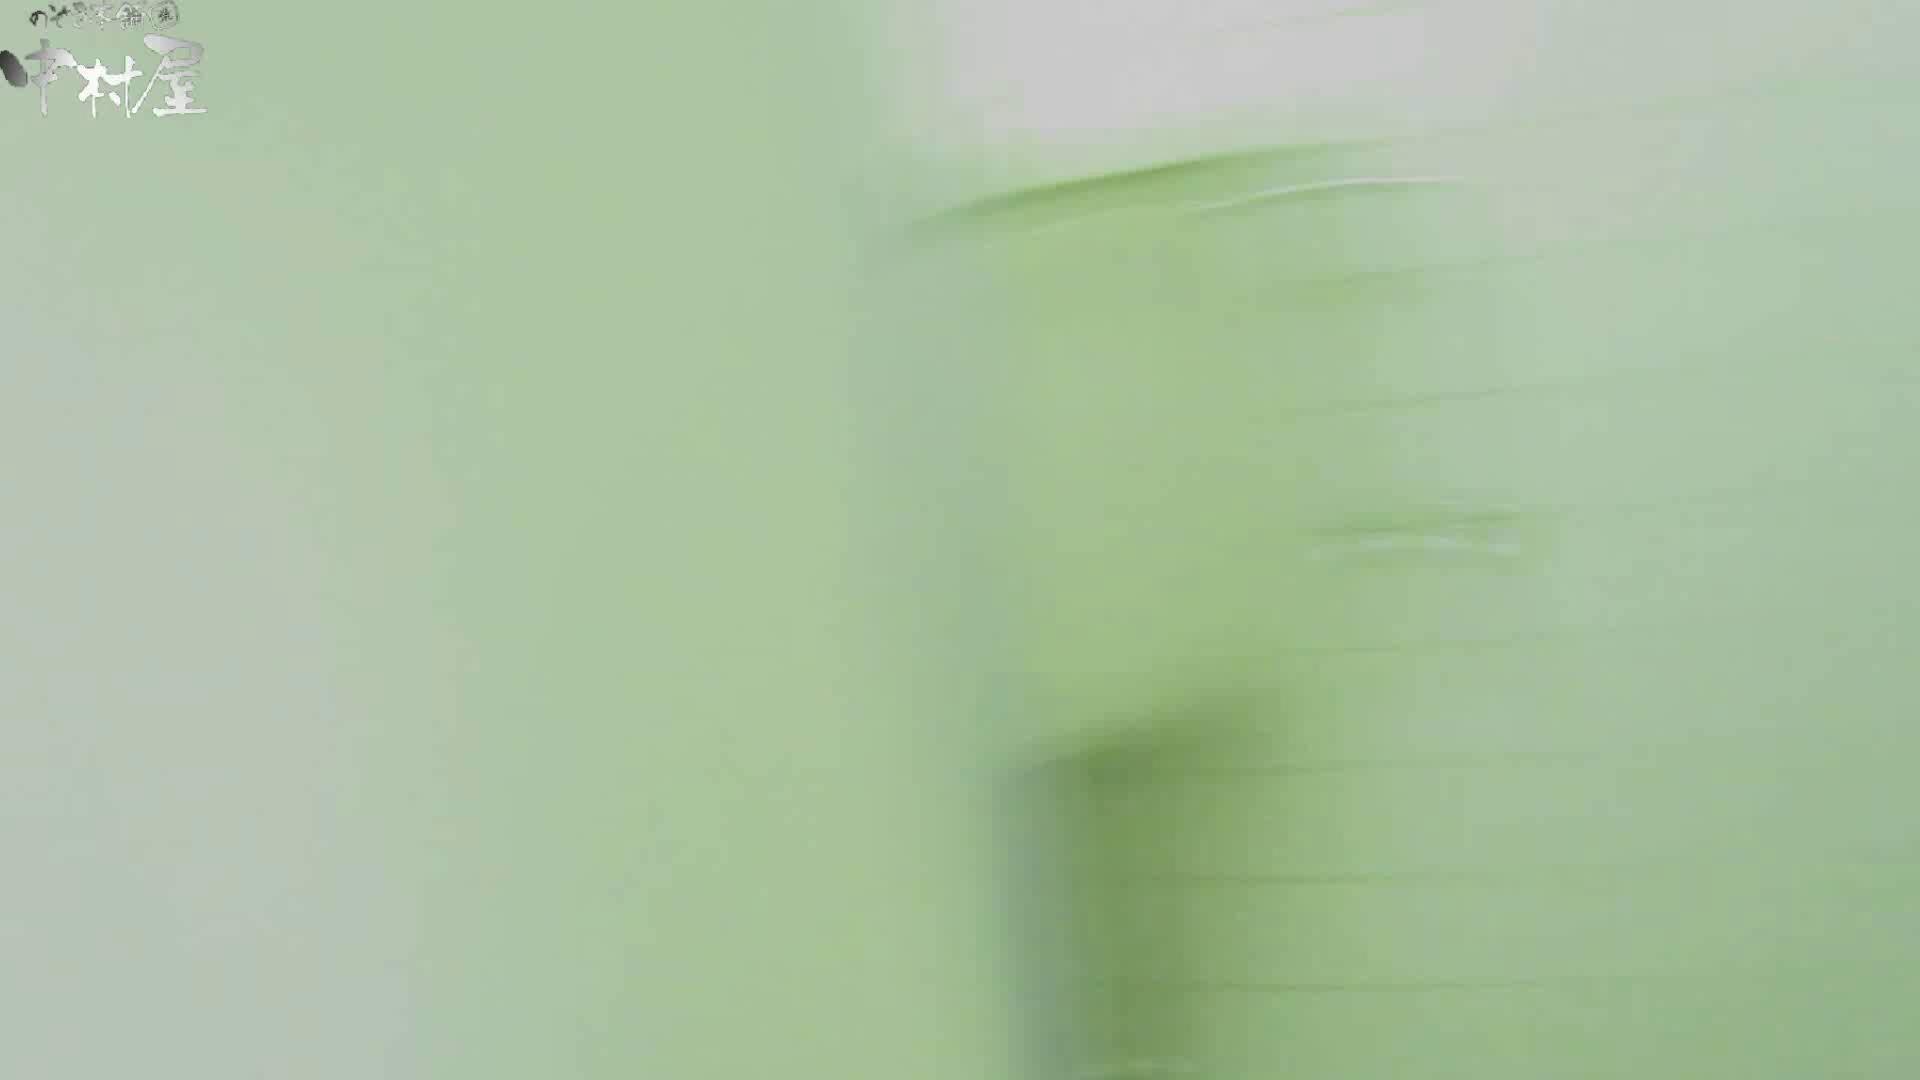 魂のかわや盗撮62連発! 長~い!黄金水! 41発目! 黄金水 | 盗撮シリーズ  108PIX 51